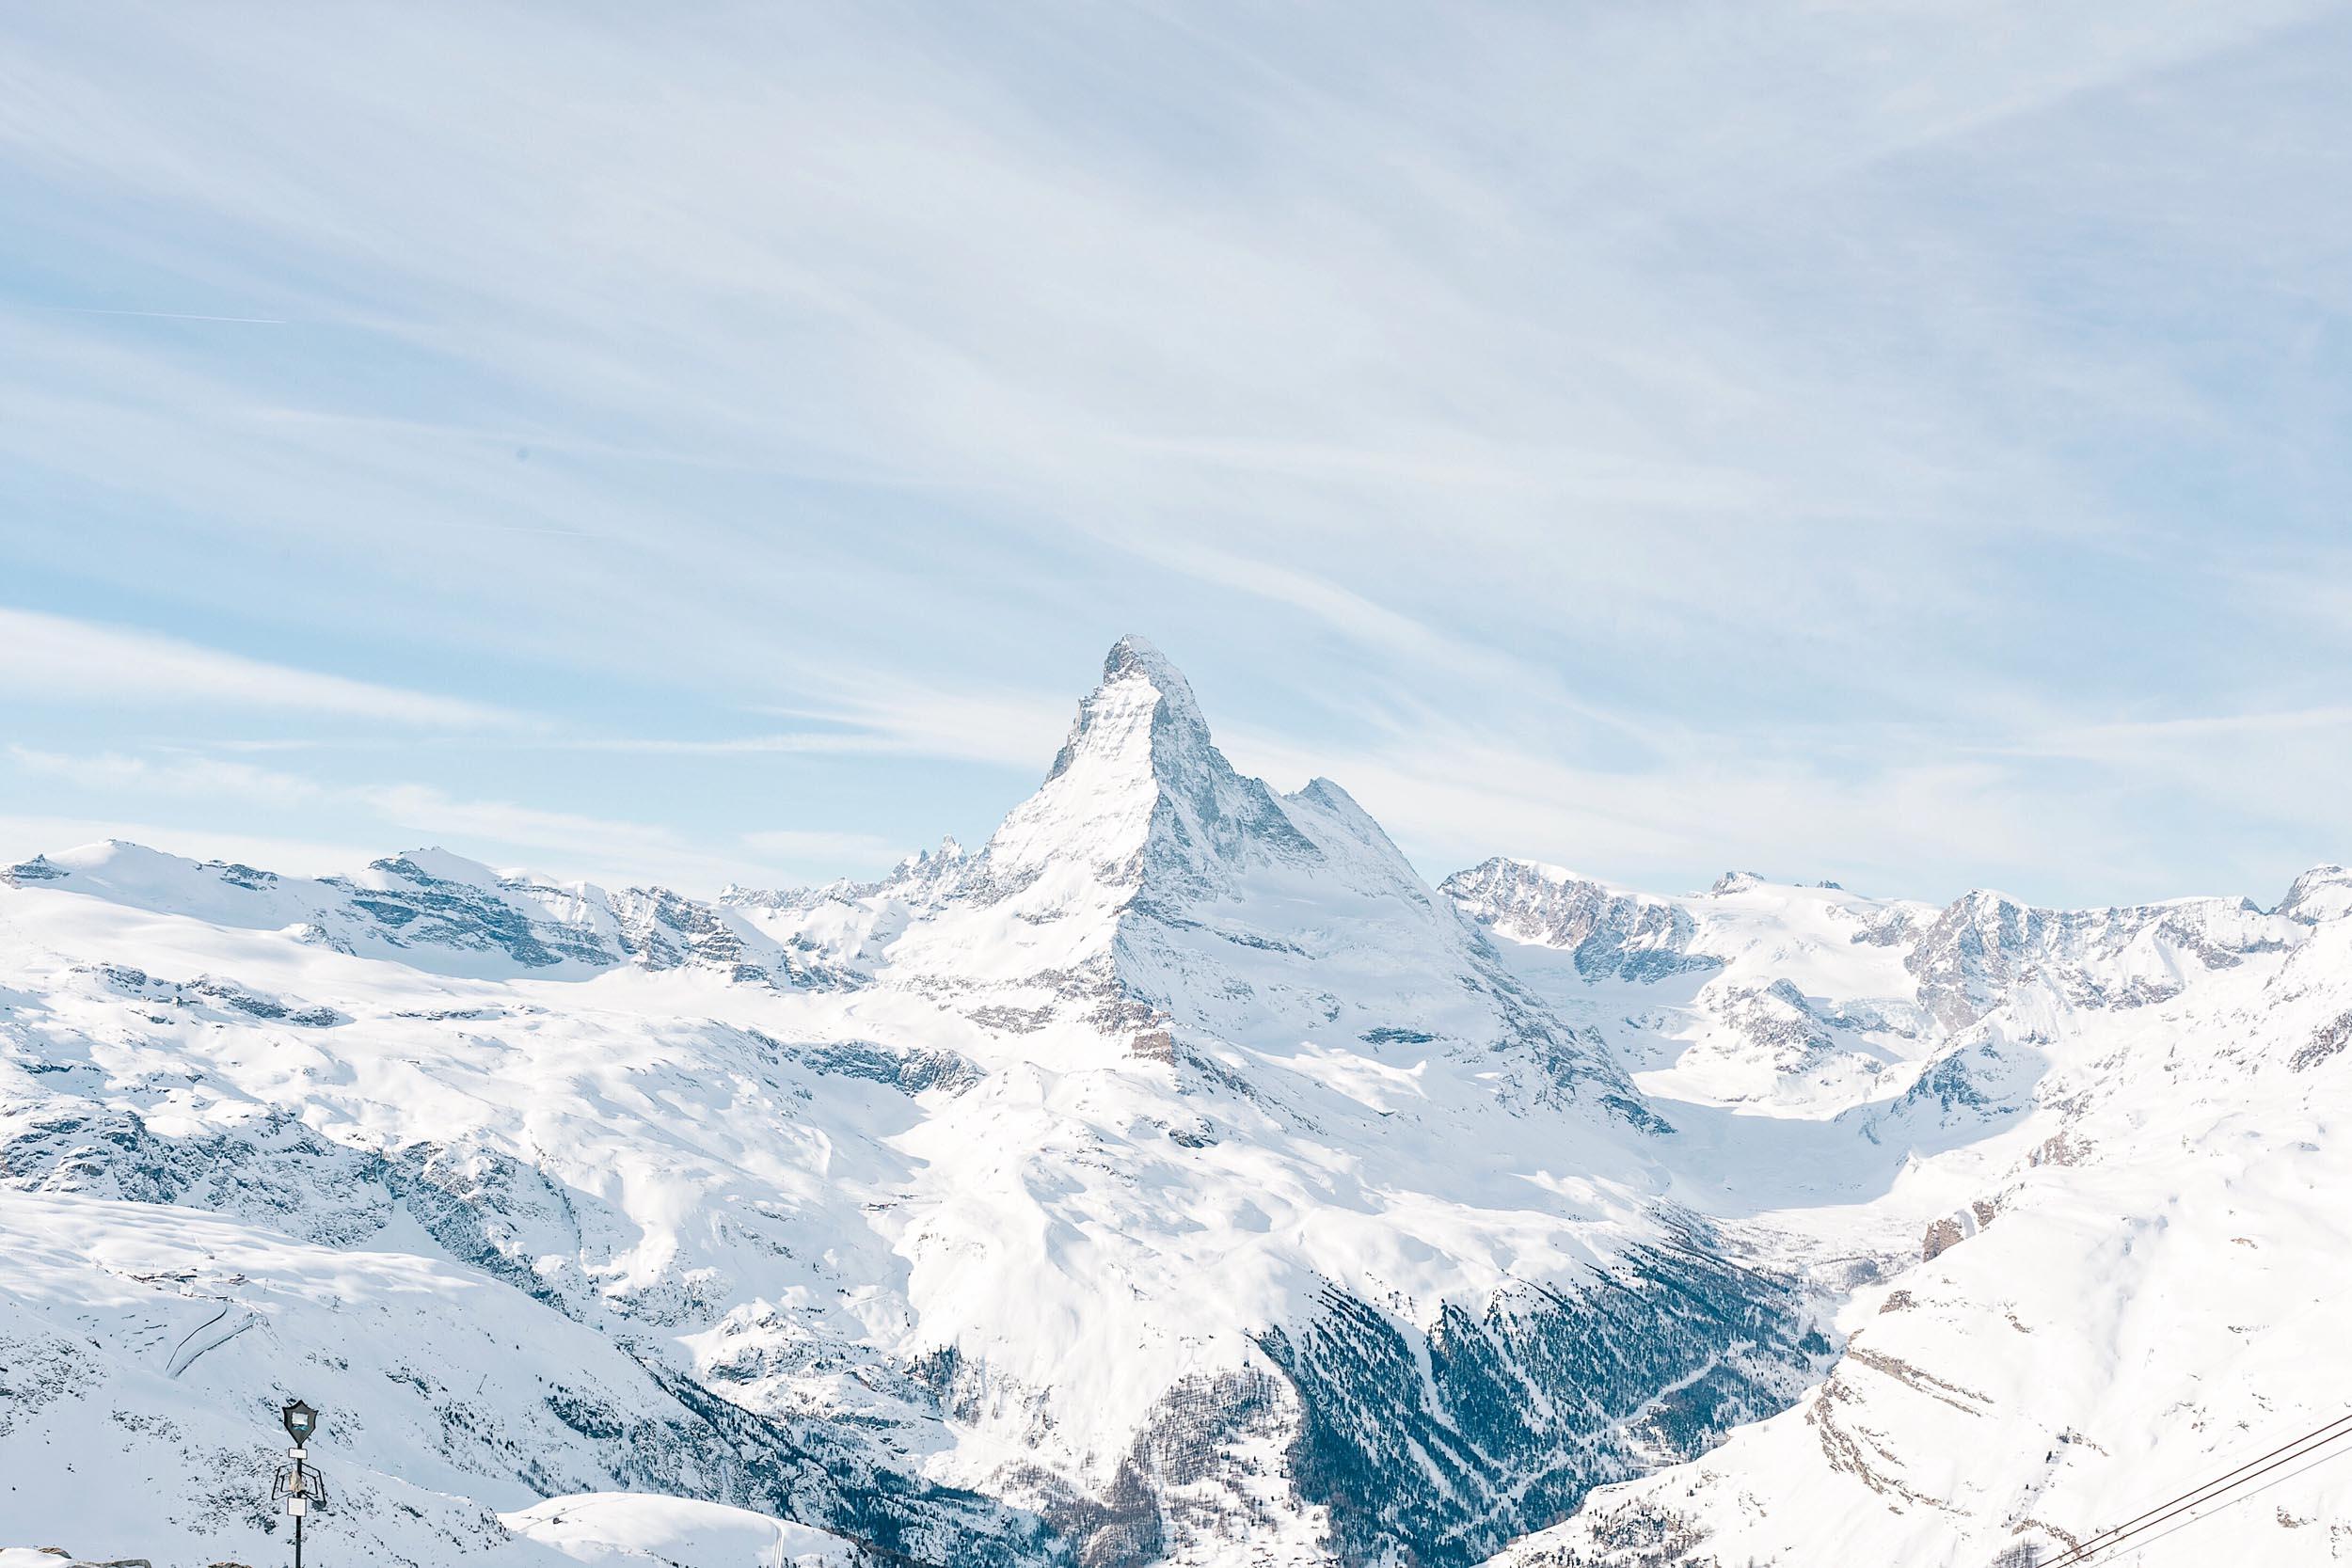 The famous Matterhorn of Zermatt